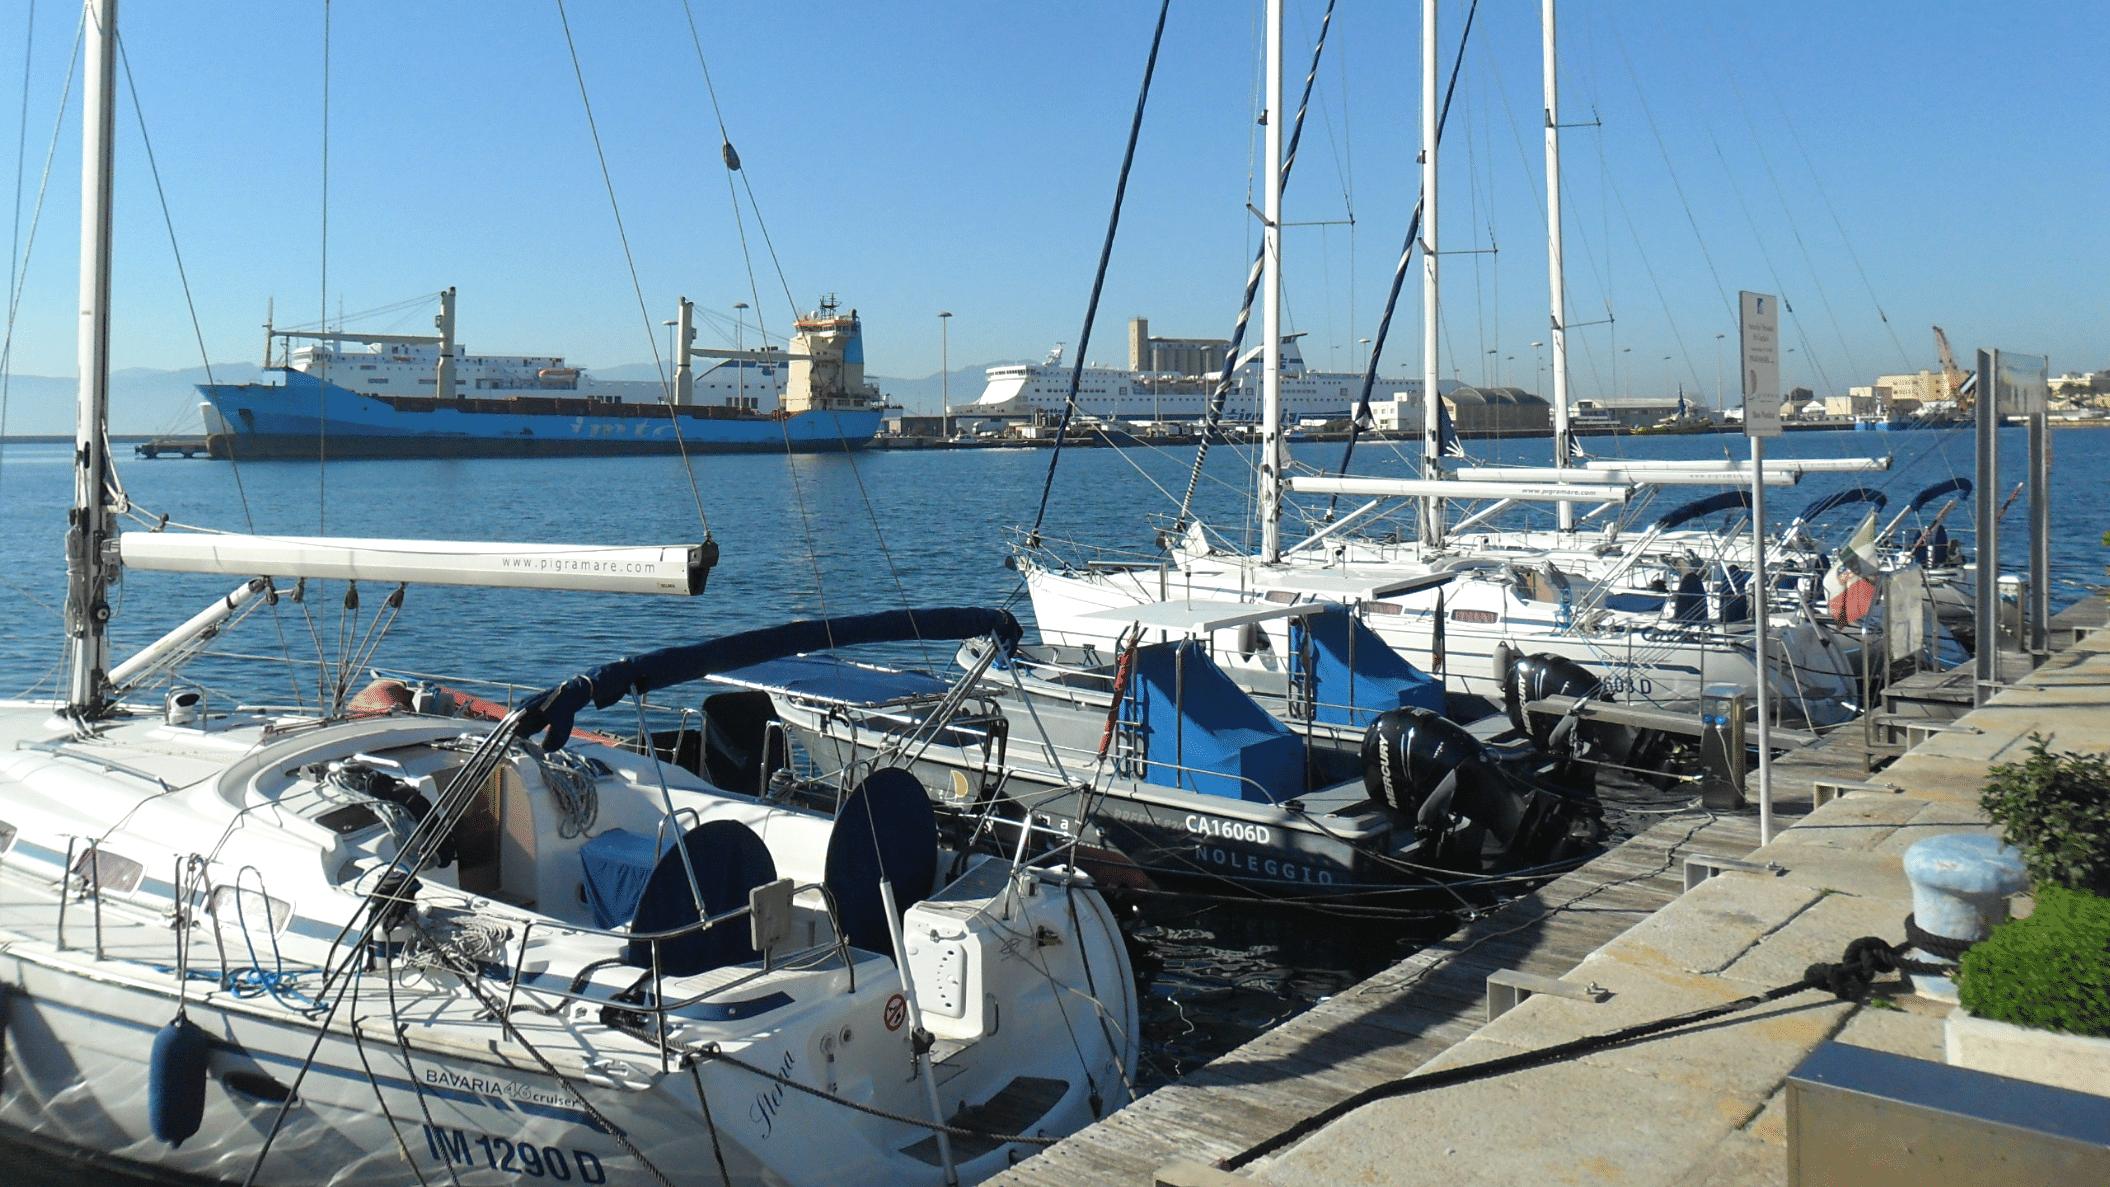 Noleggio barche Cagliari: Pigramare